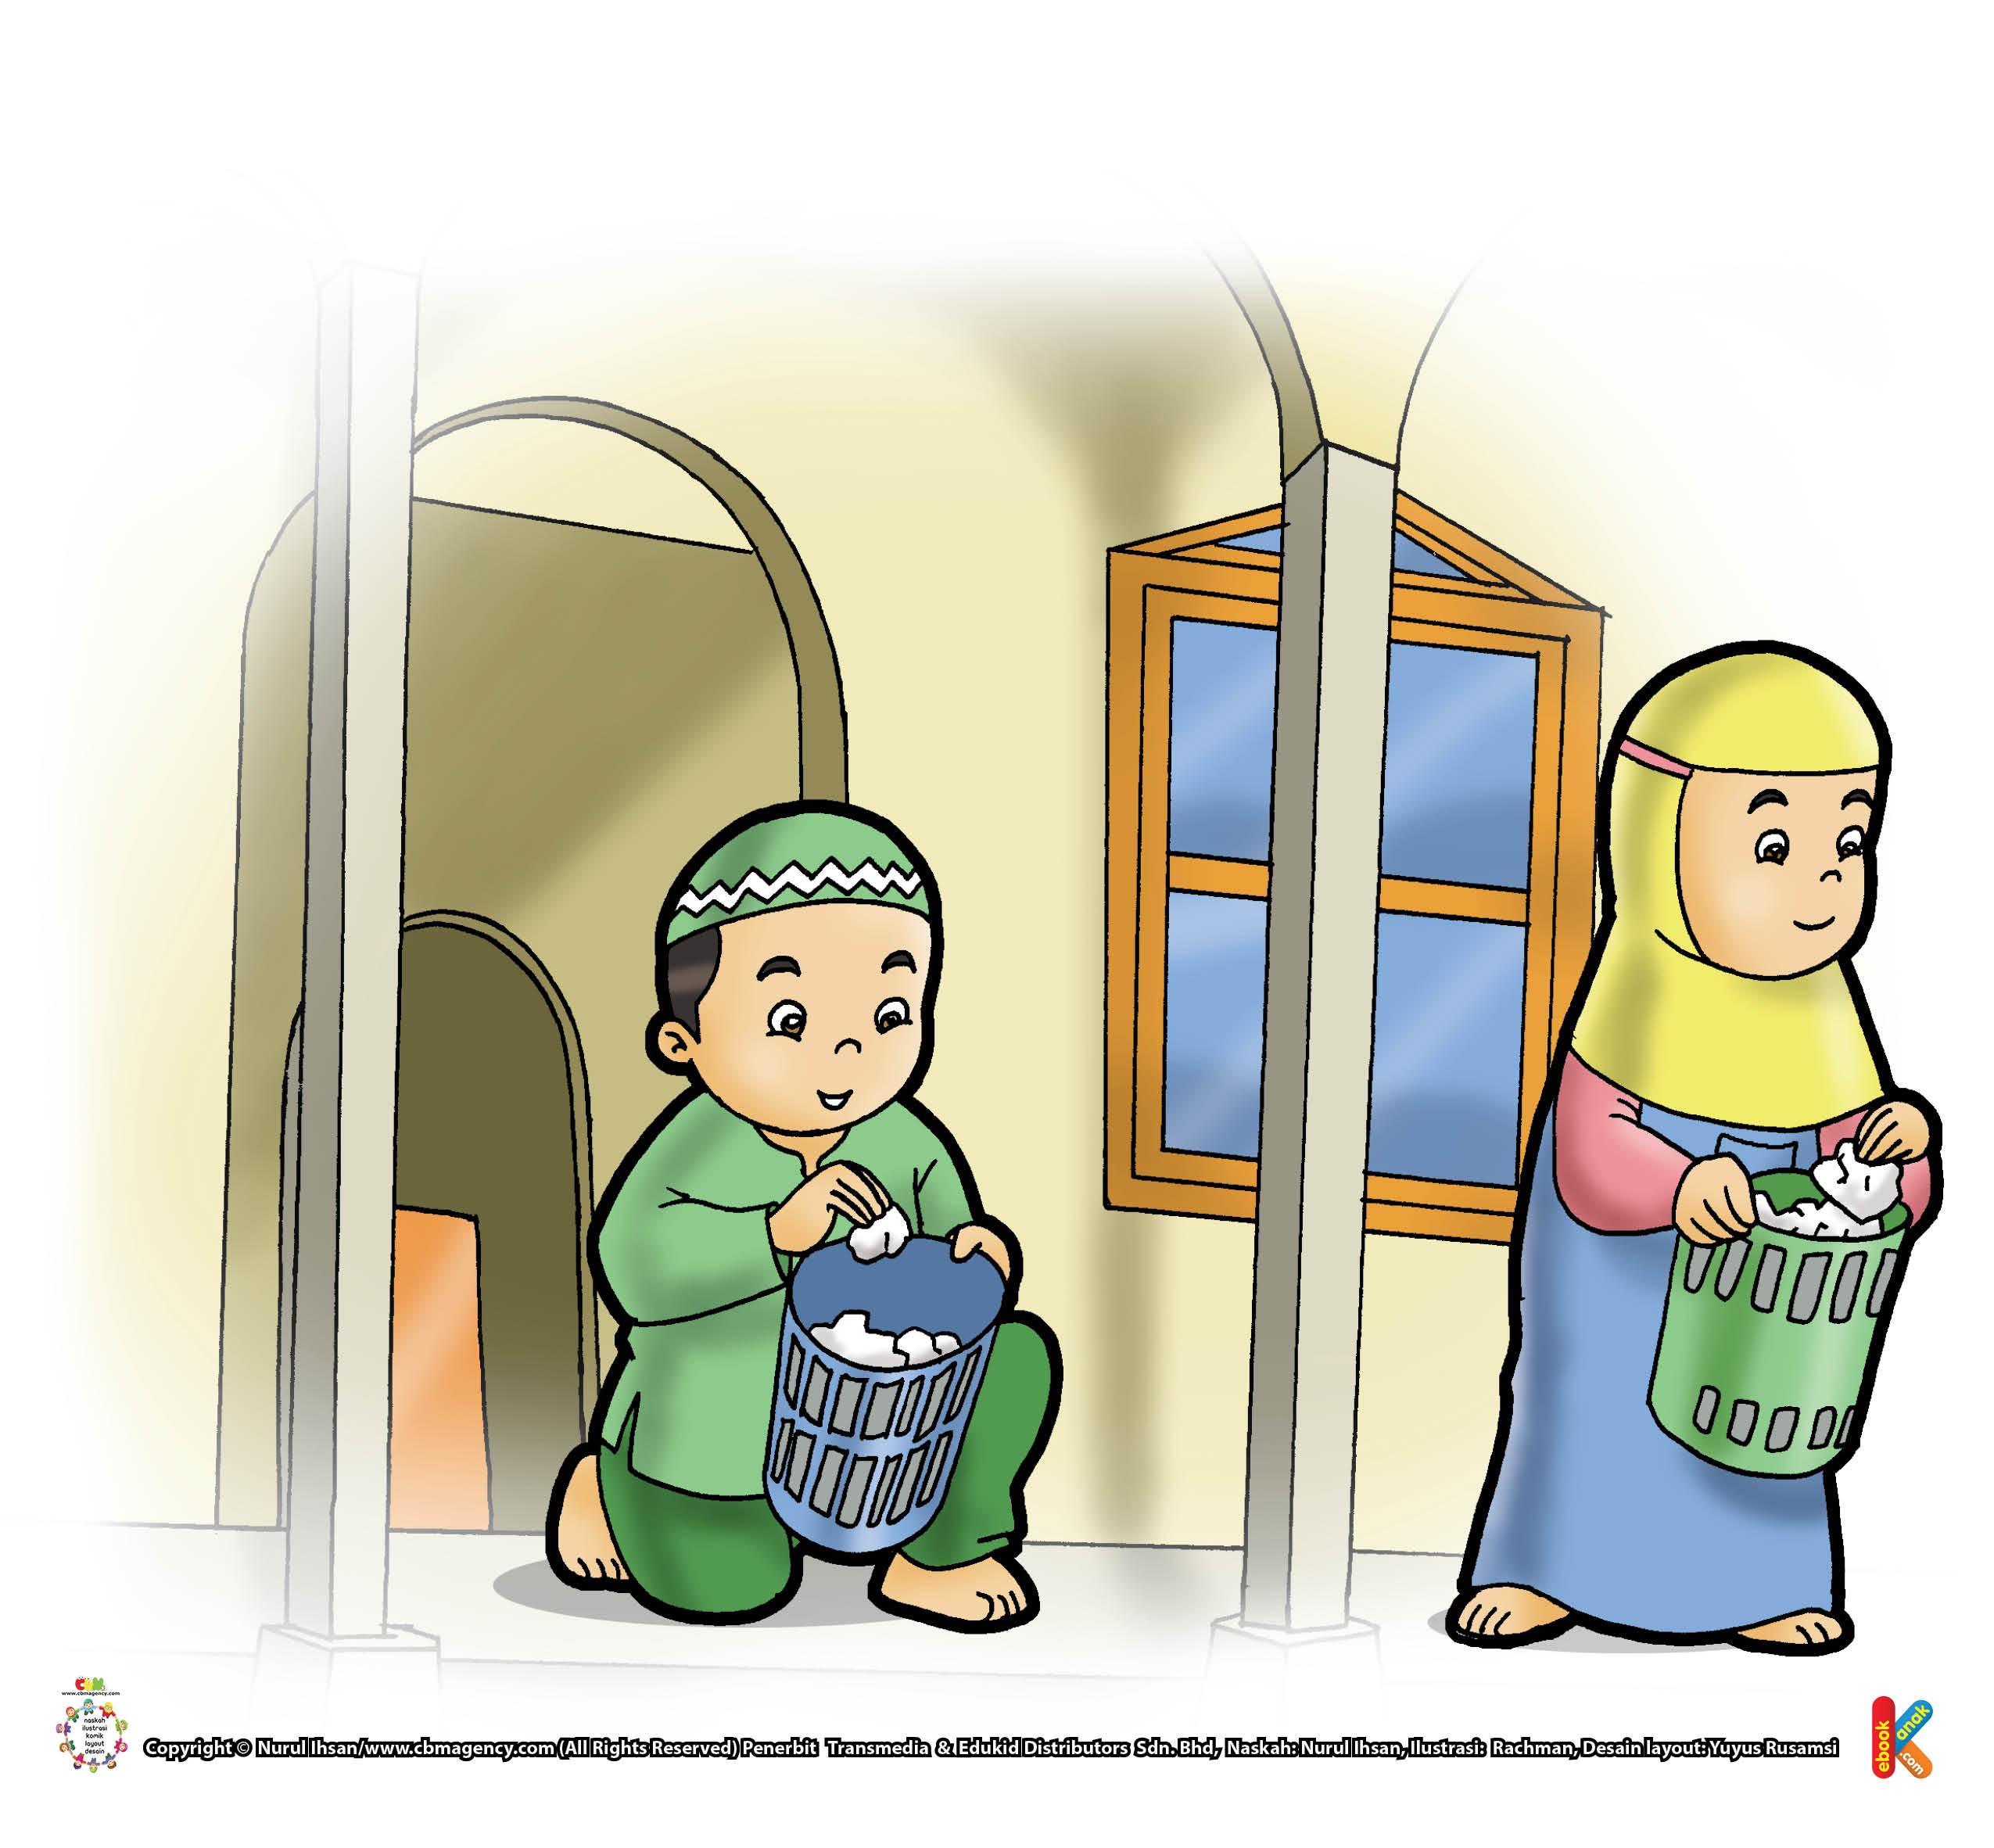 keutamaan menjaga kebersihan masjid agar mendapat pahala rumah di surga